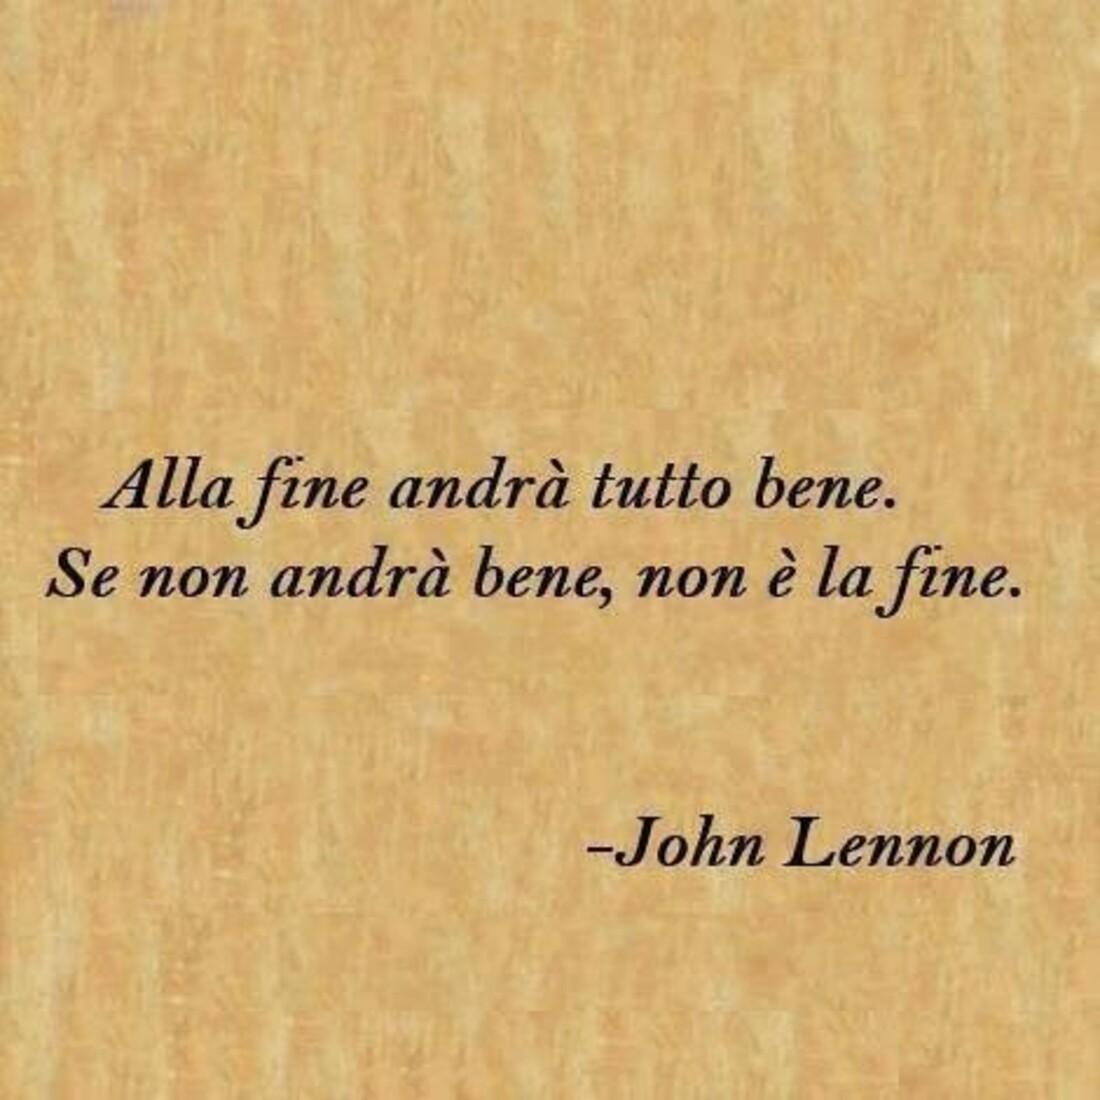 Alla fine andrà tutto bene, se nnon andrà bene, non è la fine. - John Lennon